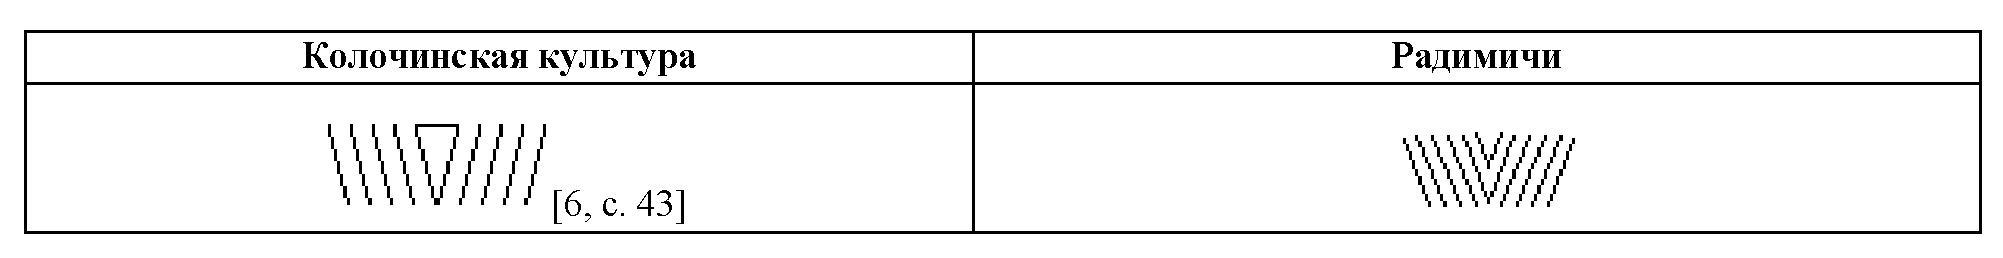 Таблица 2. Сравнение графических символов радимичей с символами колочинской культуры